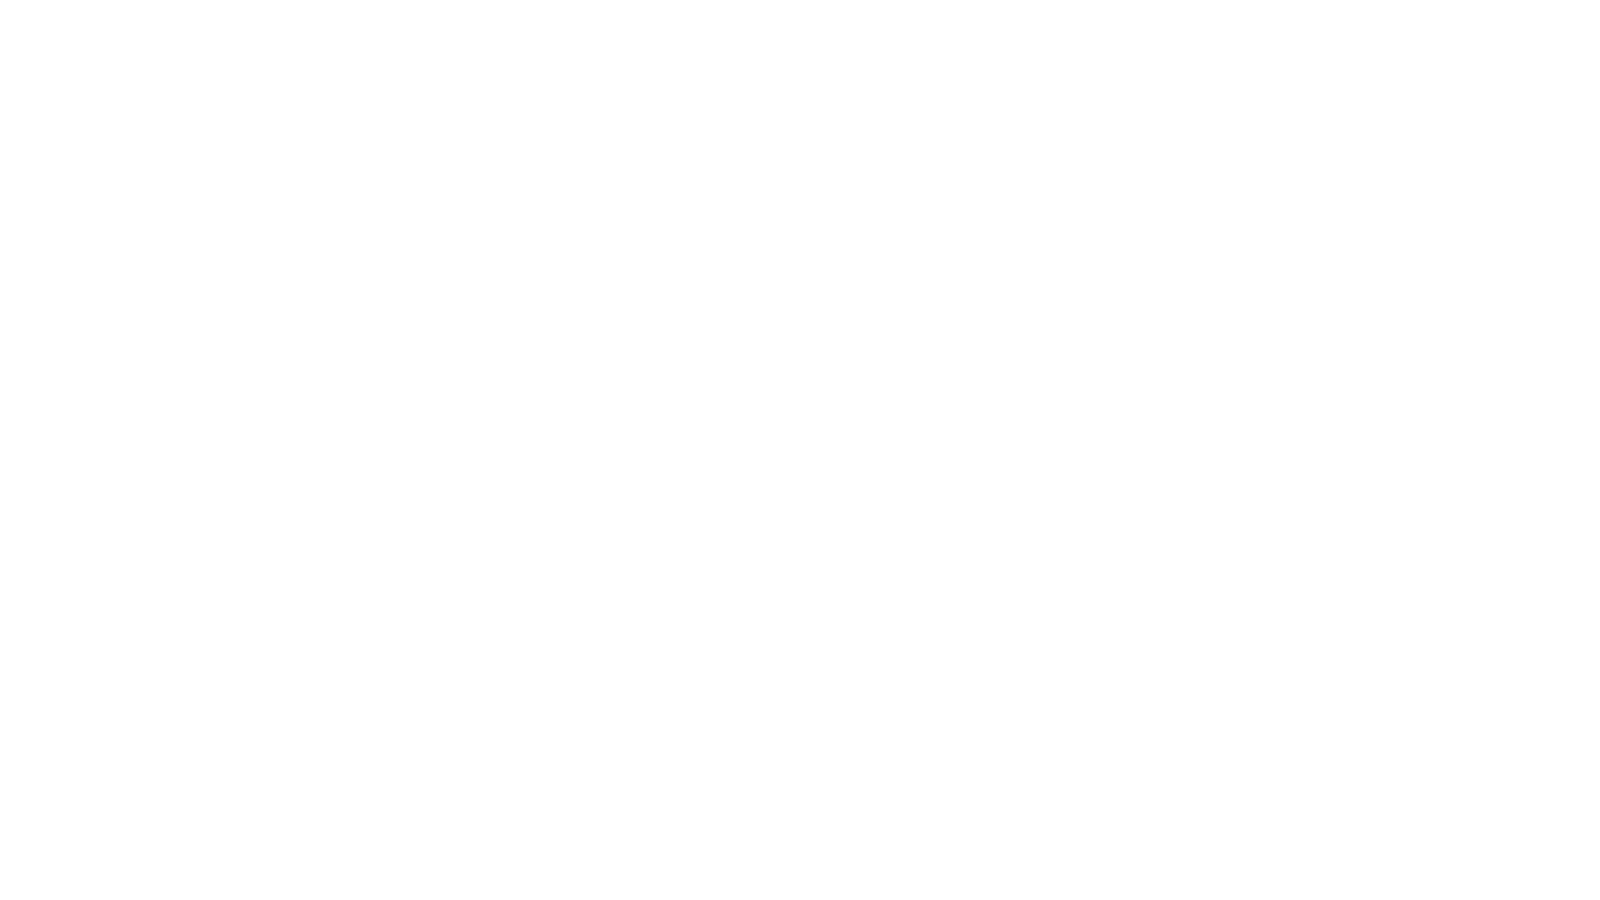 Promo Event Perfection Tunerz voor tuned Cars & Bikes. 19 september 2K21 op Racepark Circuit Meppen Germany.  Showpaddocks spaces, Clubpaddock spaces, battles & awards, DJ's, foodtrucks, Shop & Stands, fun voor kids en meer…  Bestel je tickets op www.perfectiontunerz.nl/tickets